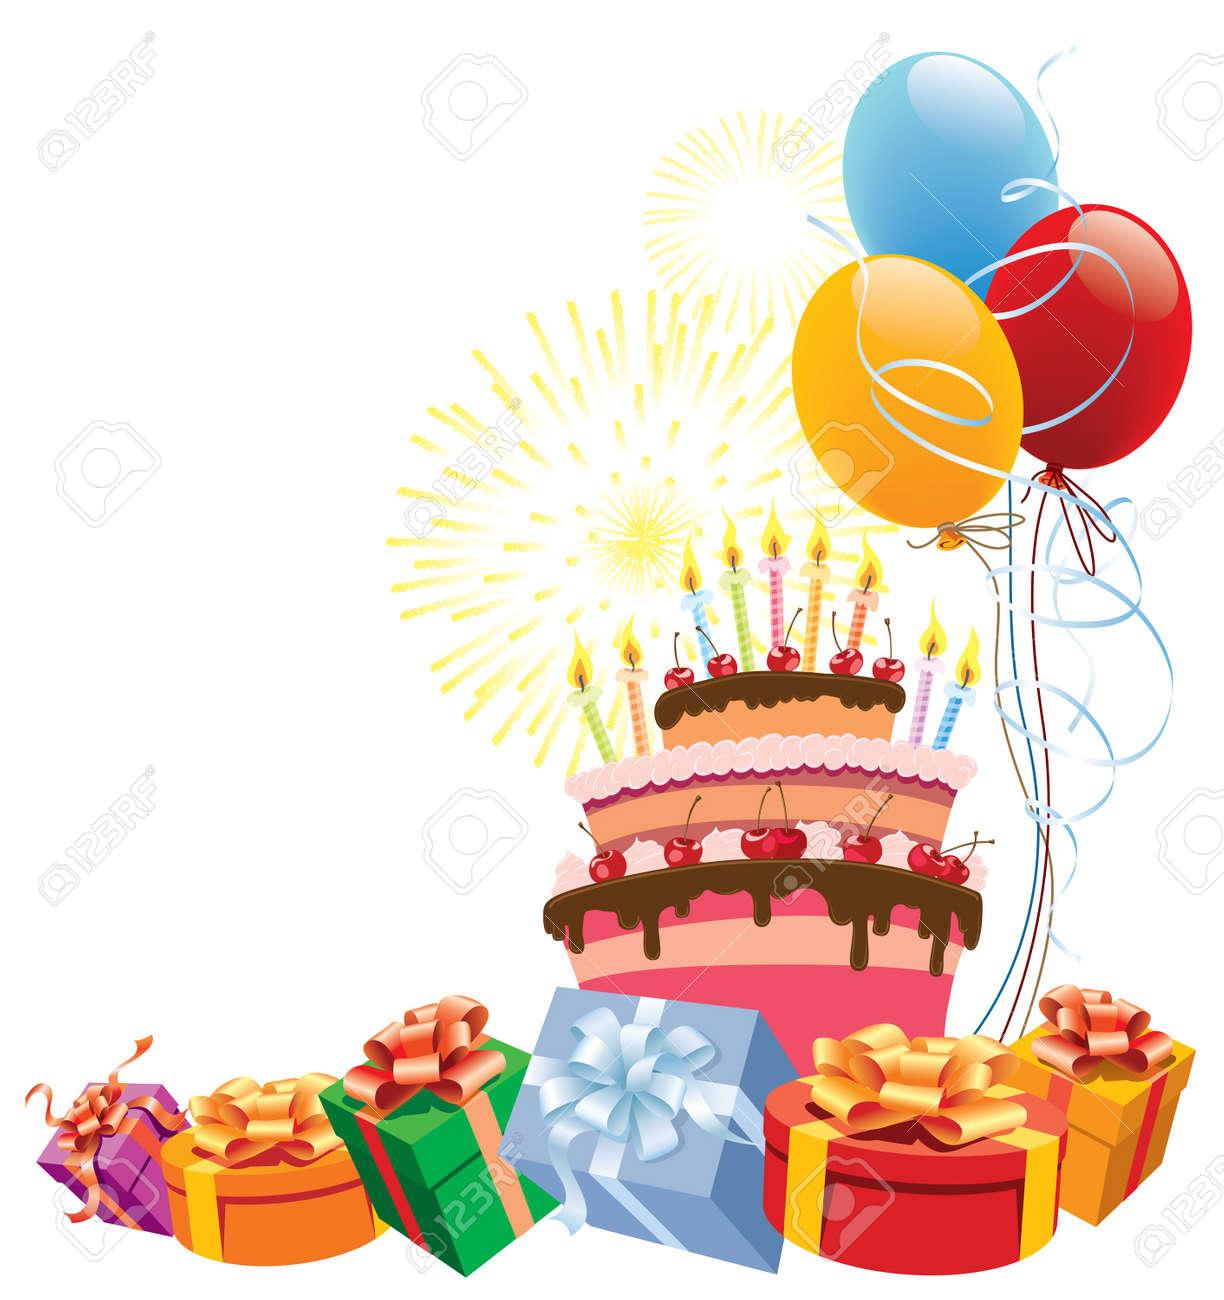 Torta De Cumpleaños Colorida Con Globos Y Regalos Ilustraciones